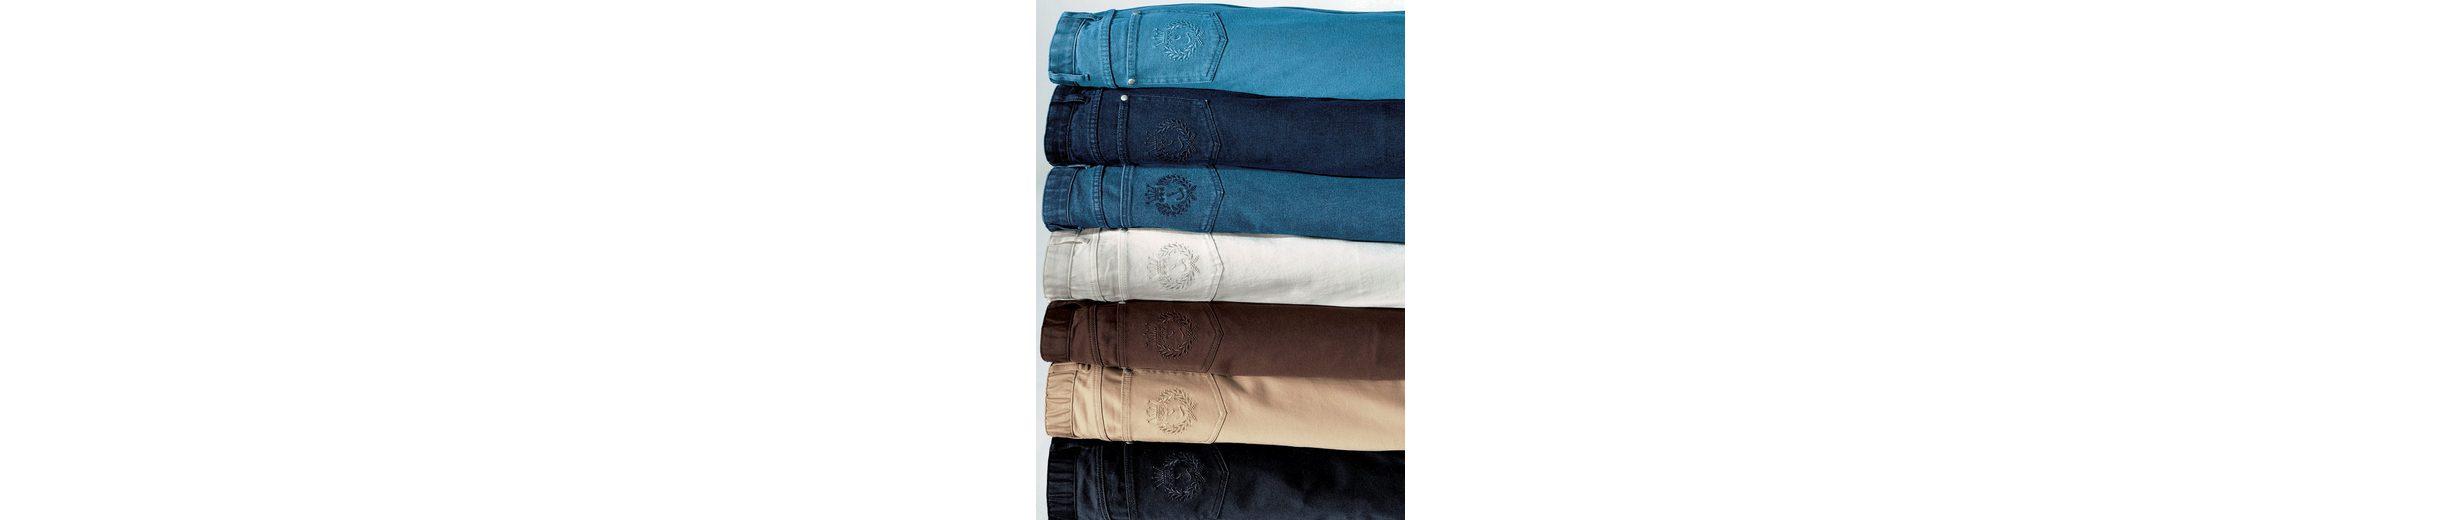 Collection L. Jeans in gerader Schnittführung Gutes Verkauf Günstiger Preis Vorbestellung Für Verkauf Hmf2t